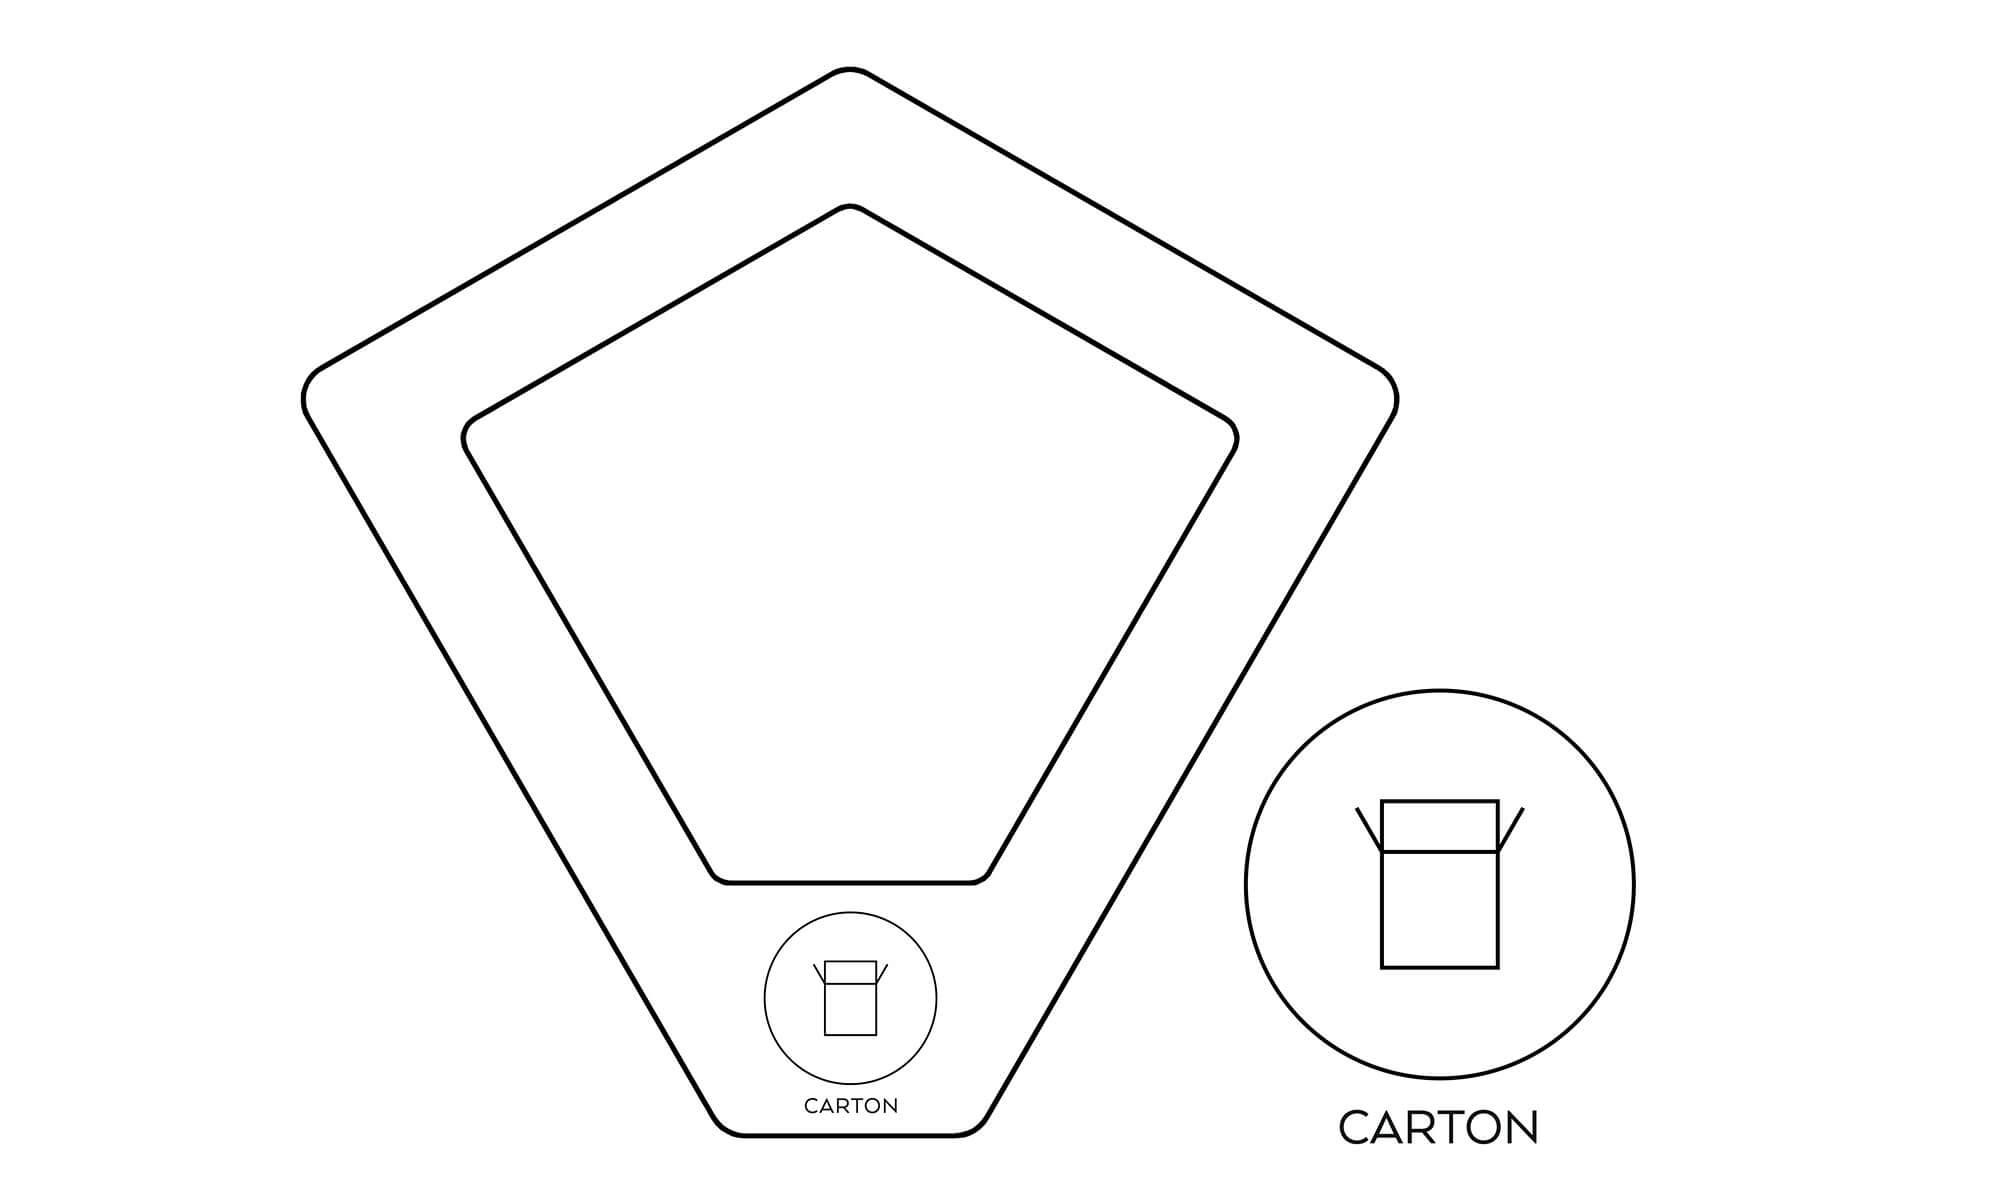 källsortering kartong well kite recycling carton